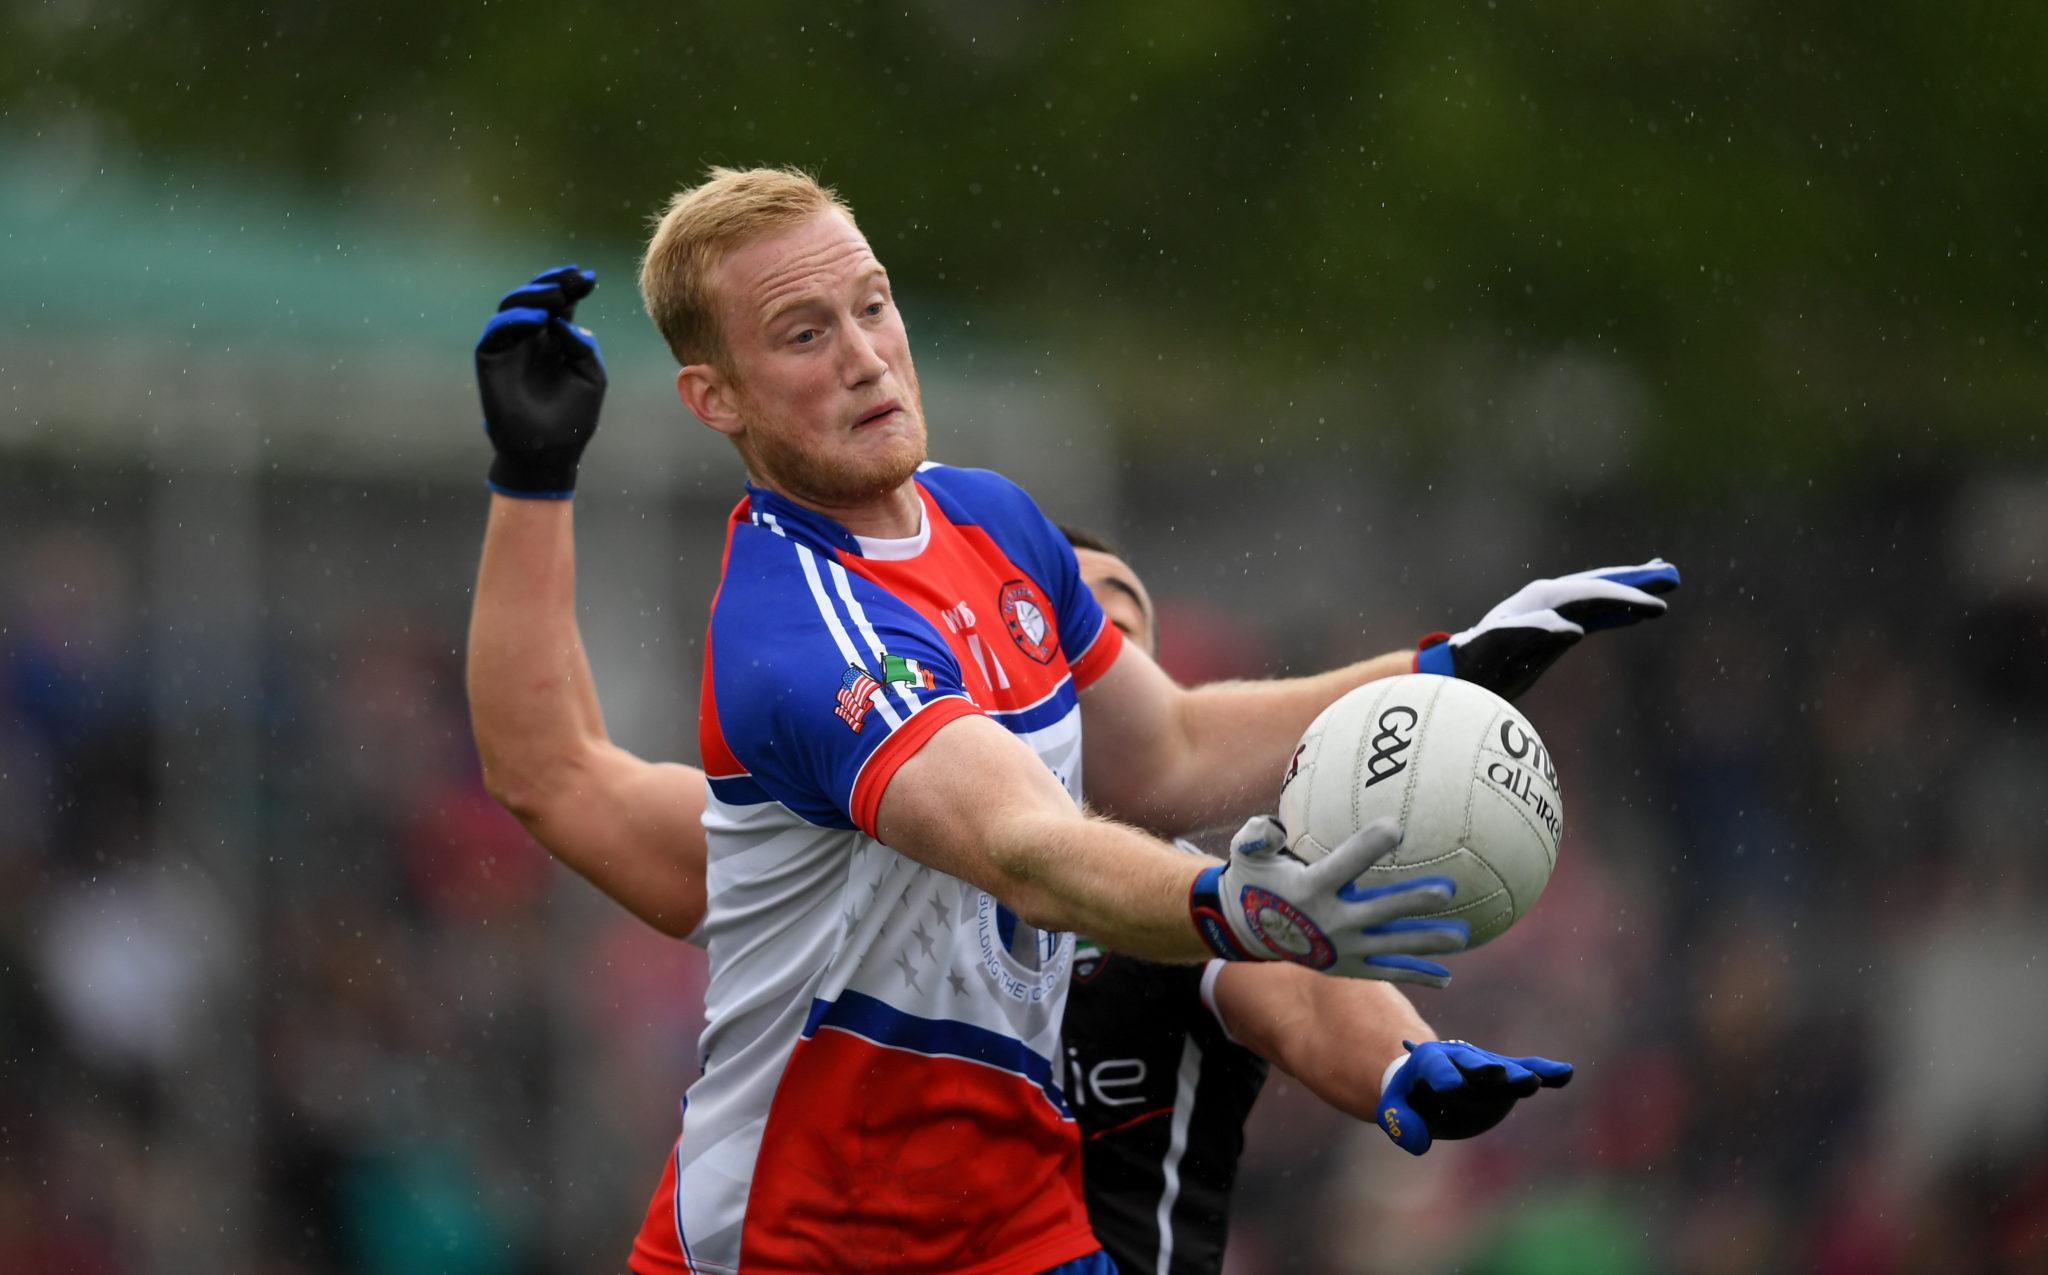 Conor McGraynor